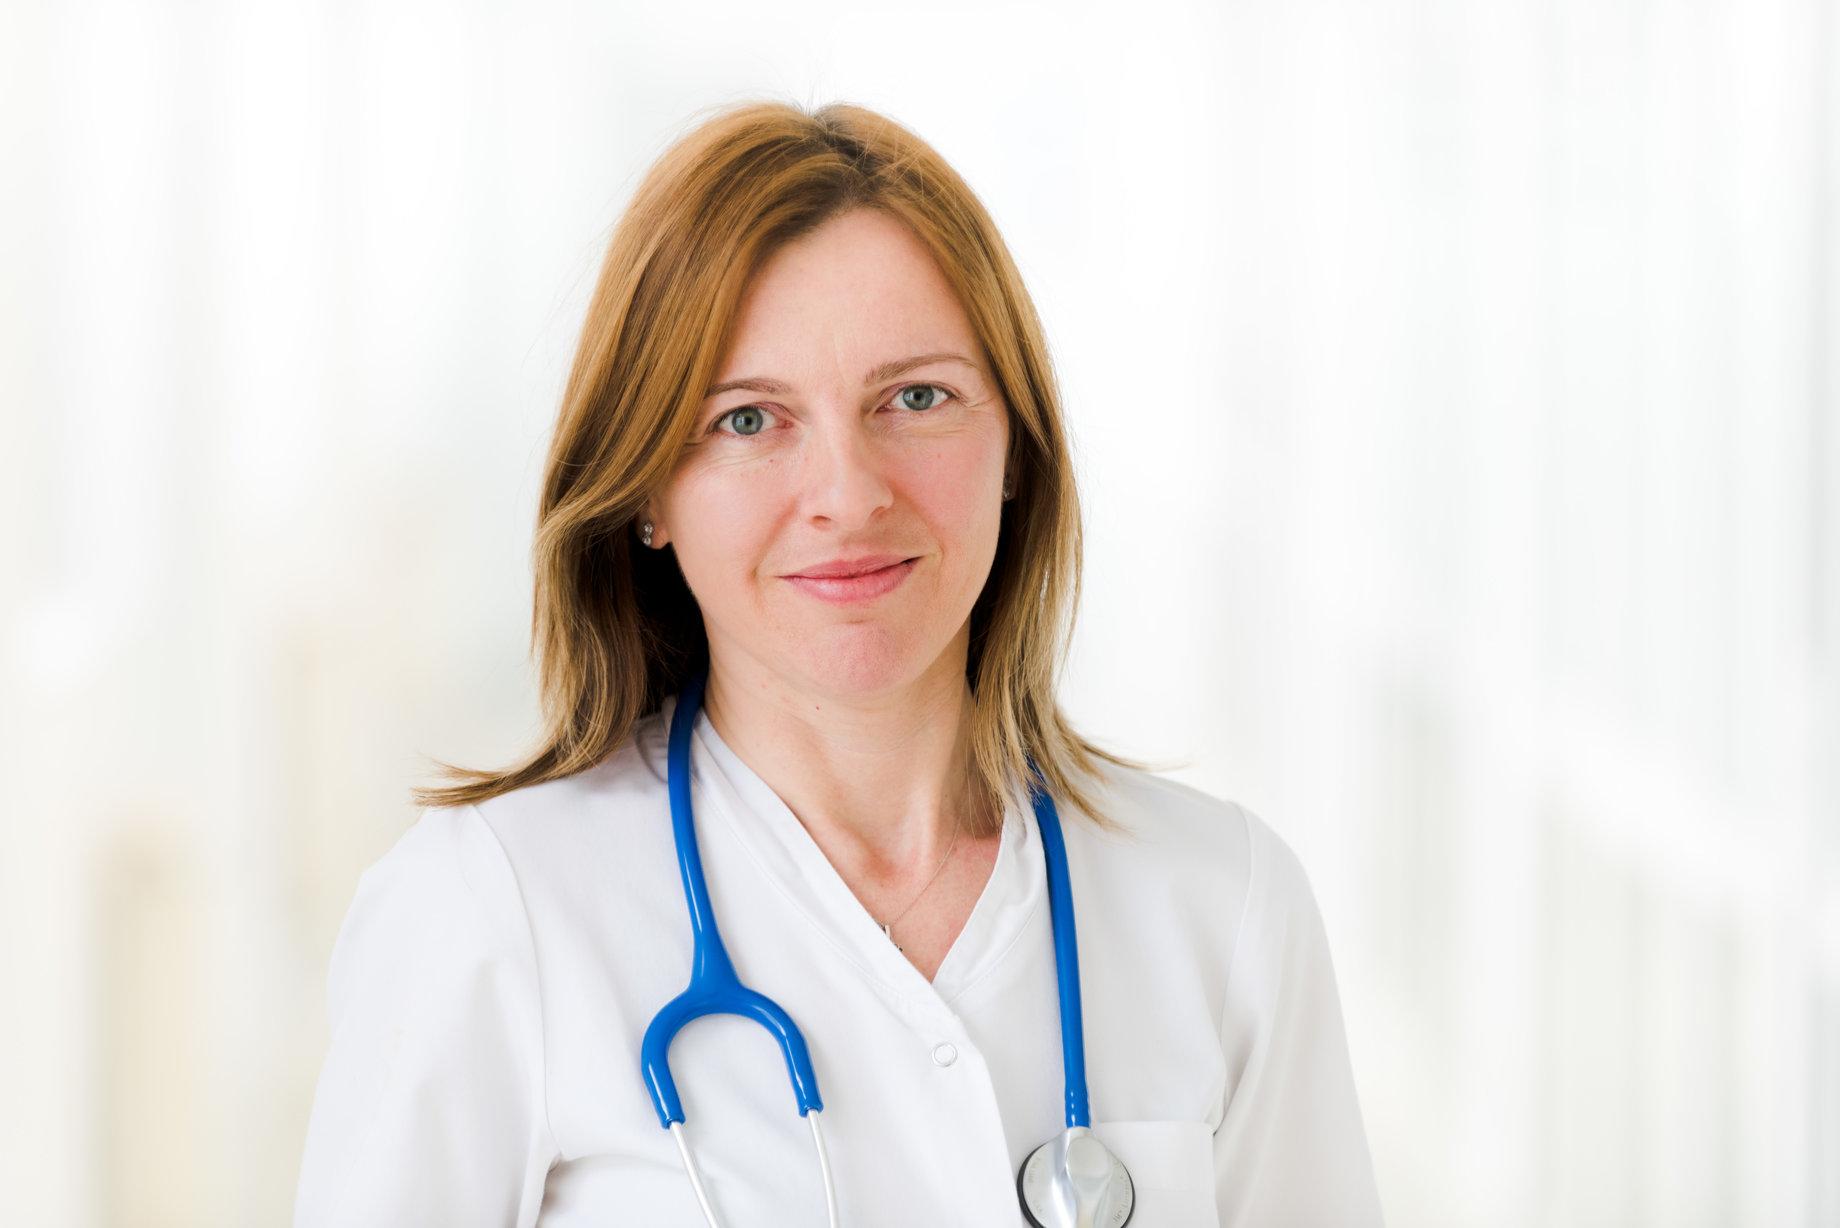 Interviu cu dr. Ioana Pop. Despre legătura dintre diabetul zaharat și bolile cardiovasculare